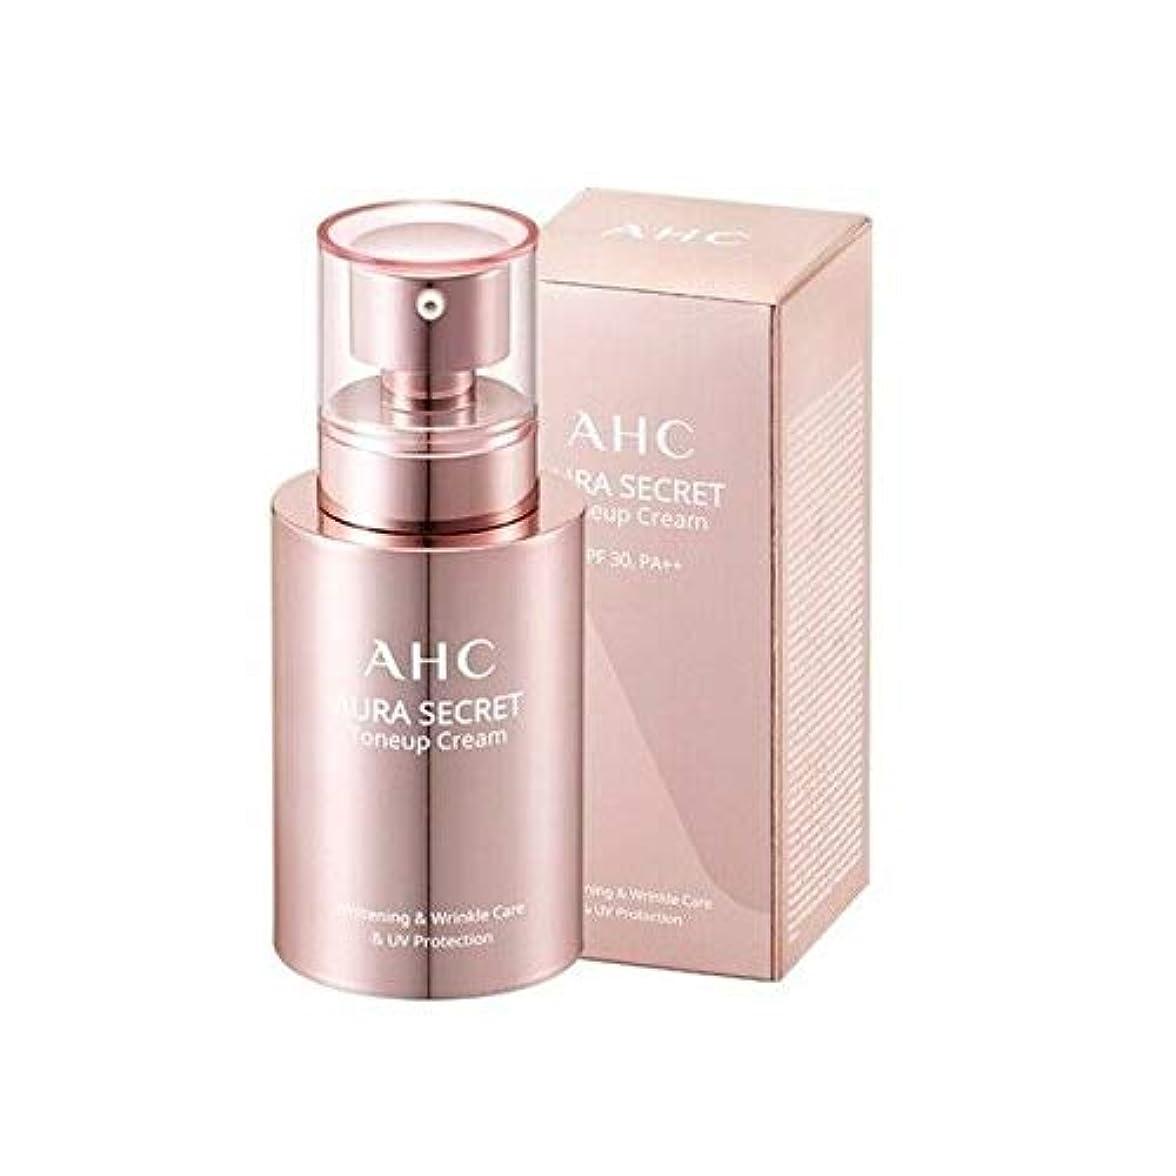 包帯希望に満ちた広げる[ギフト付き] AHC オーラ シークレット トーンアップ クリーム SPF30/PA++ 50g / AHC Aura Secret Tone Up Cream Pink